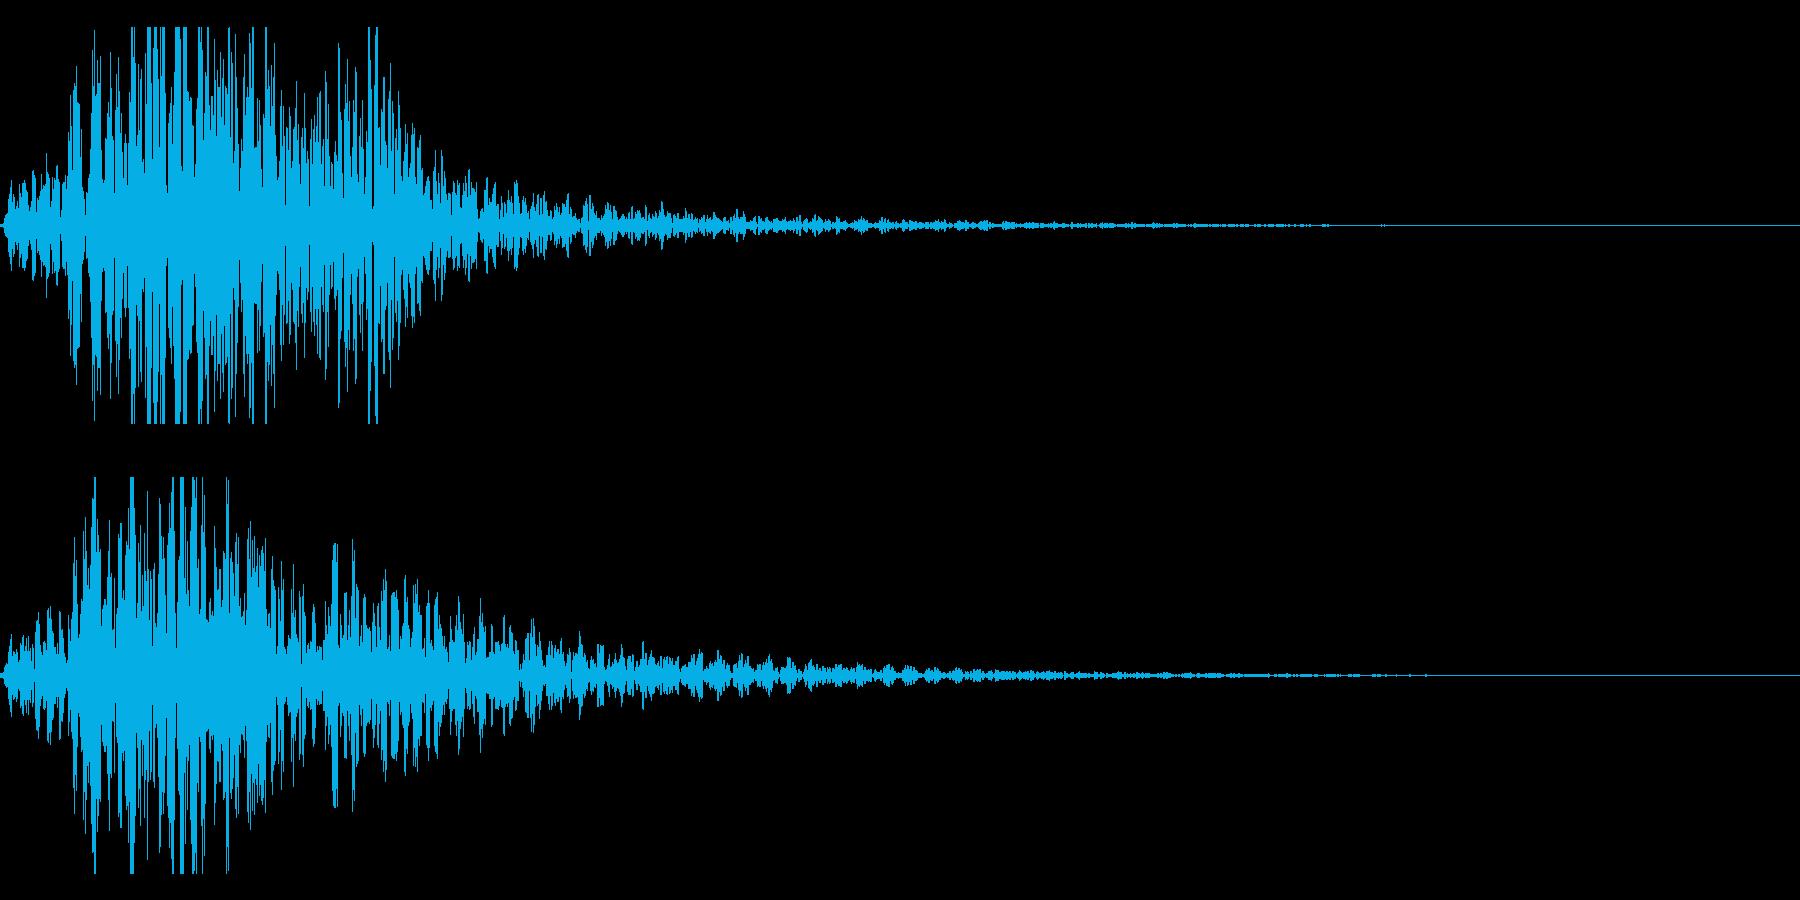 太鼓 和太鼓のフレーズ ジングル ロゴ5の再生済みの波形